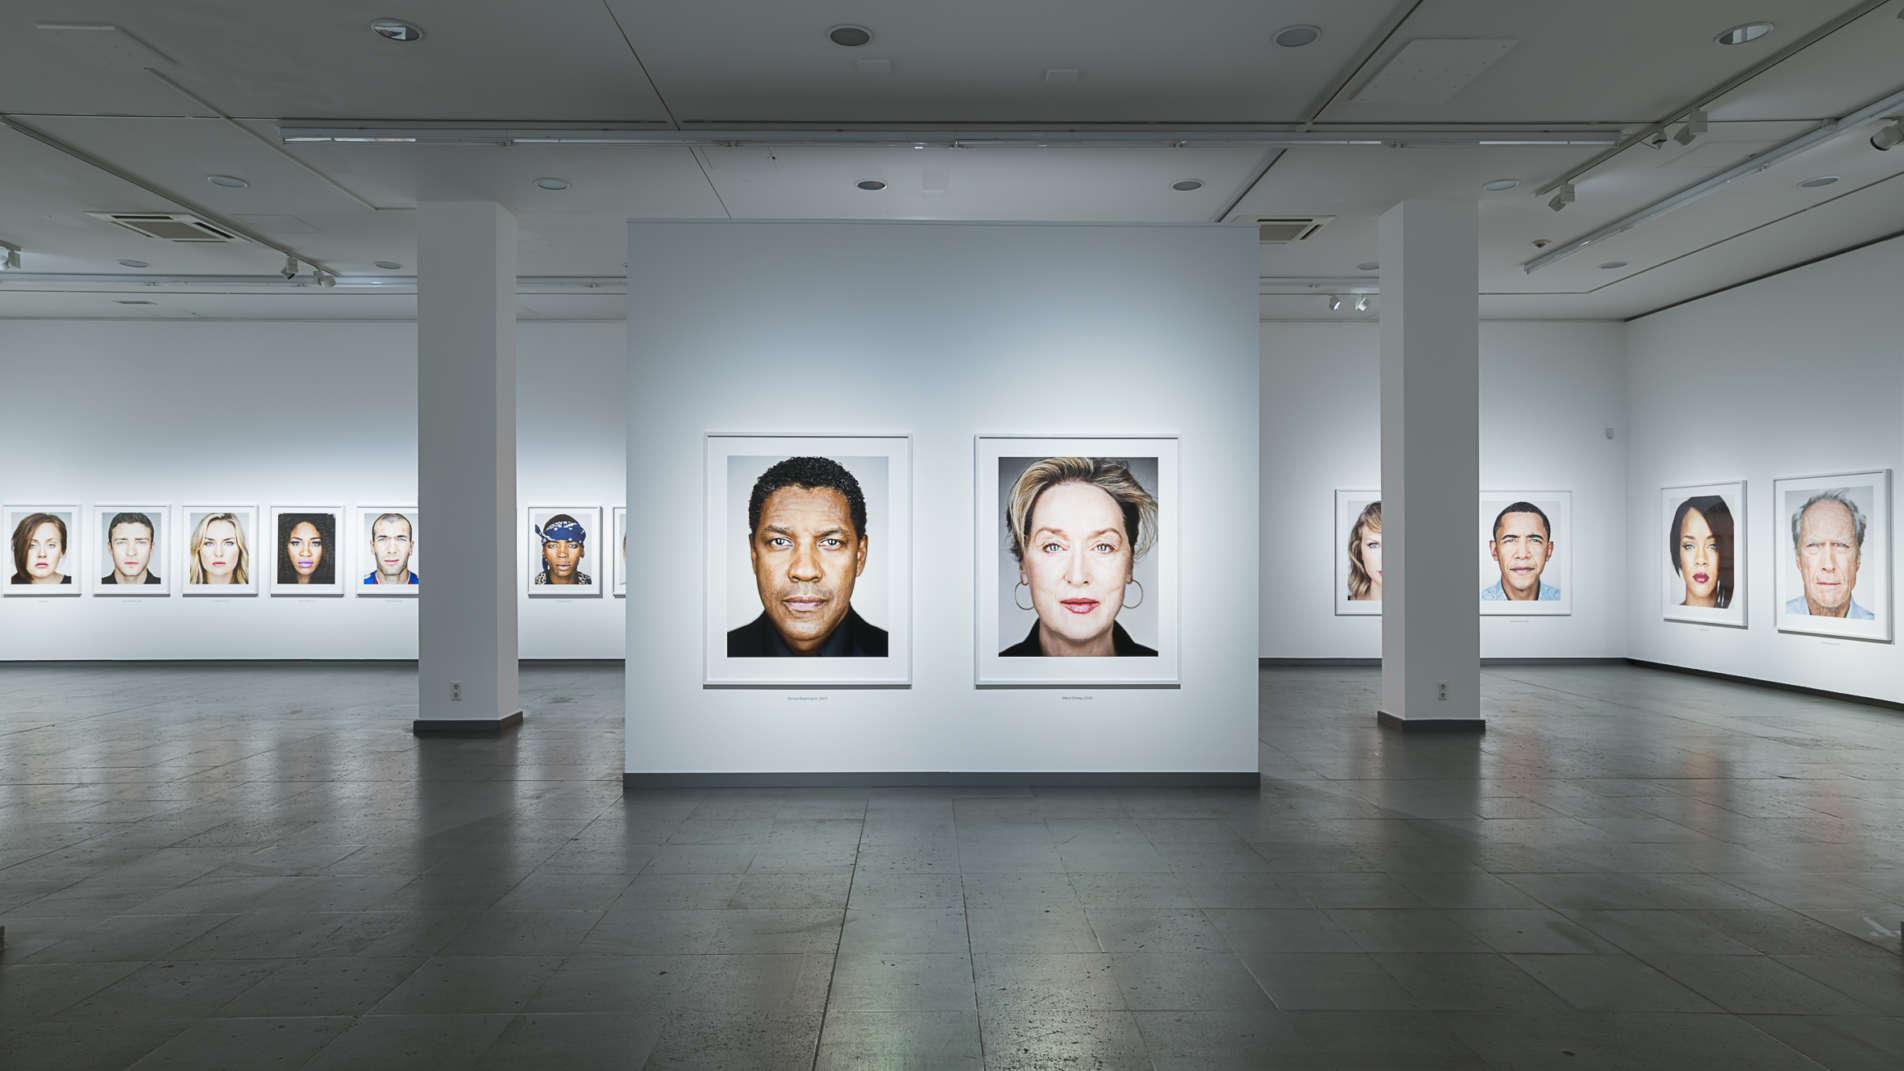 Ausstellungsansicht der Serie Close Up aus der Ausstellung Martin Schoeller mit gleichgestalteten Kopfporträts von Prominenten nebeneinander hängend